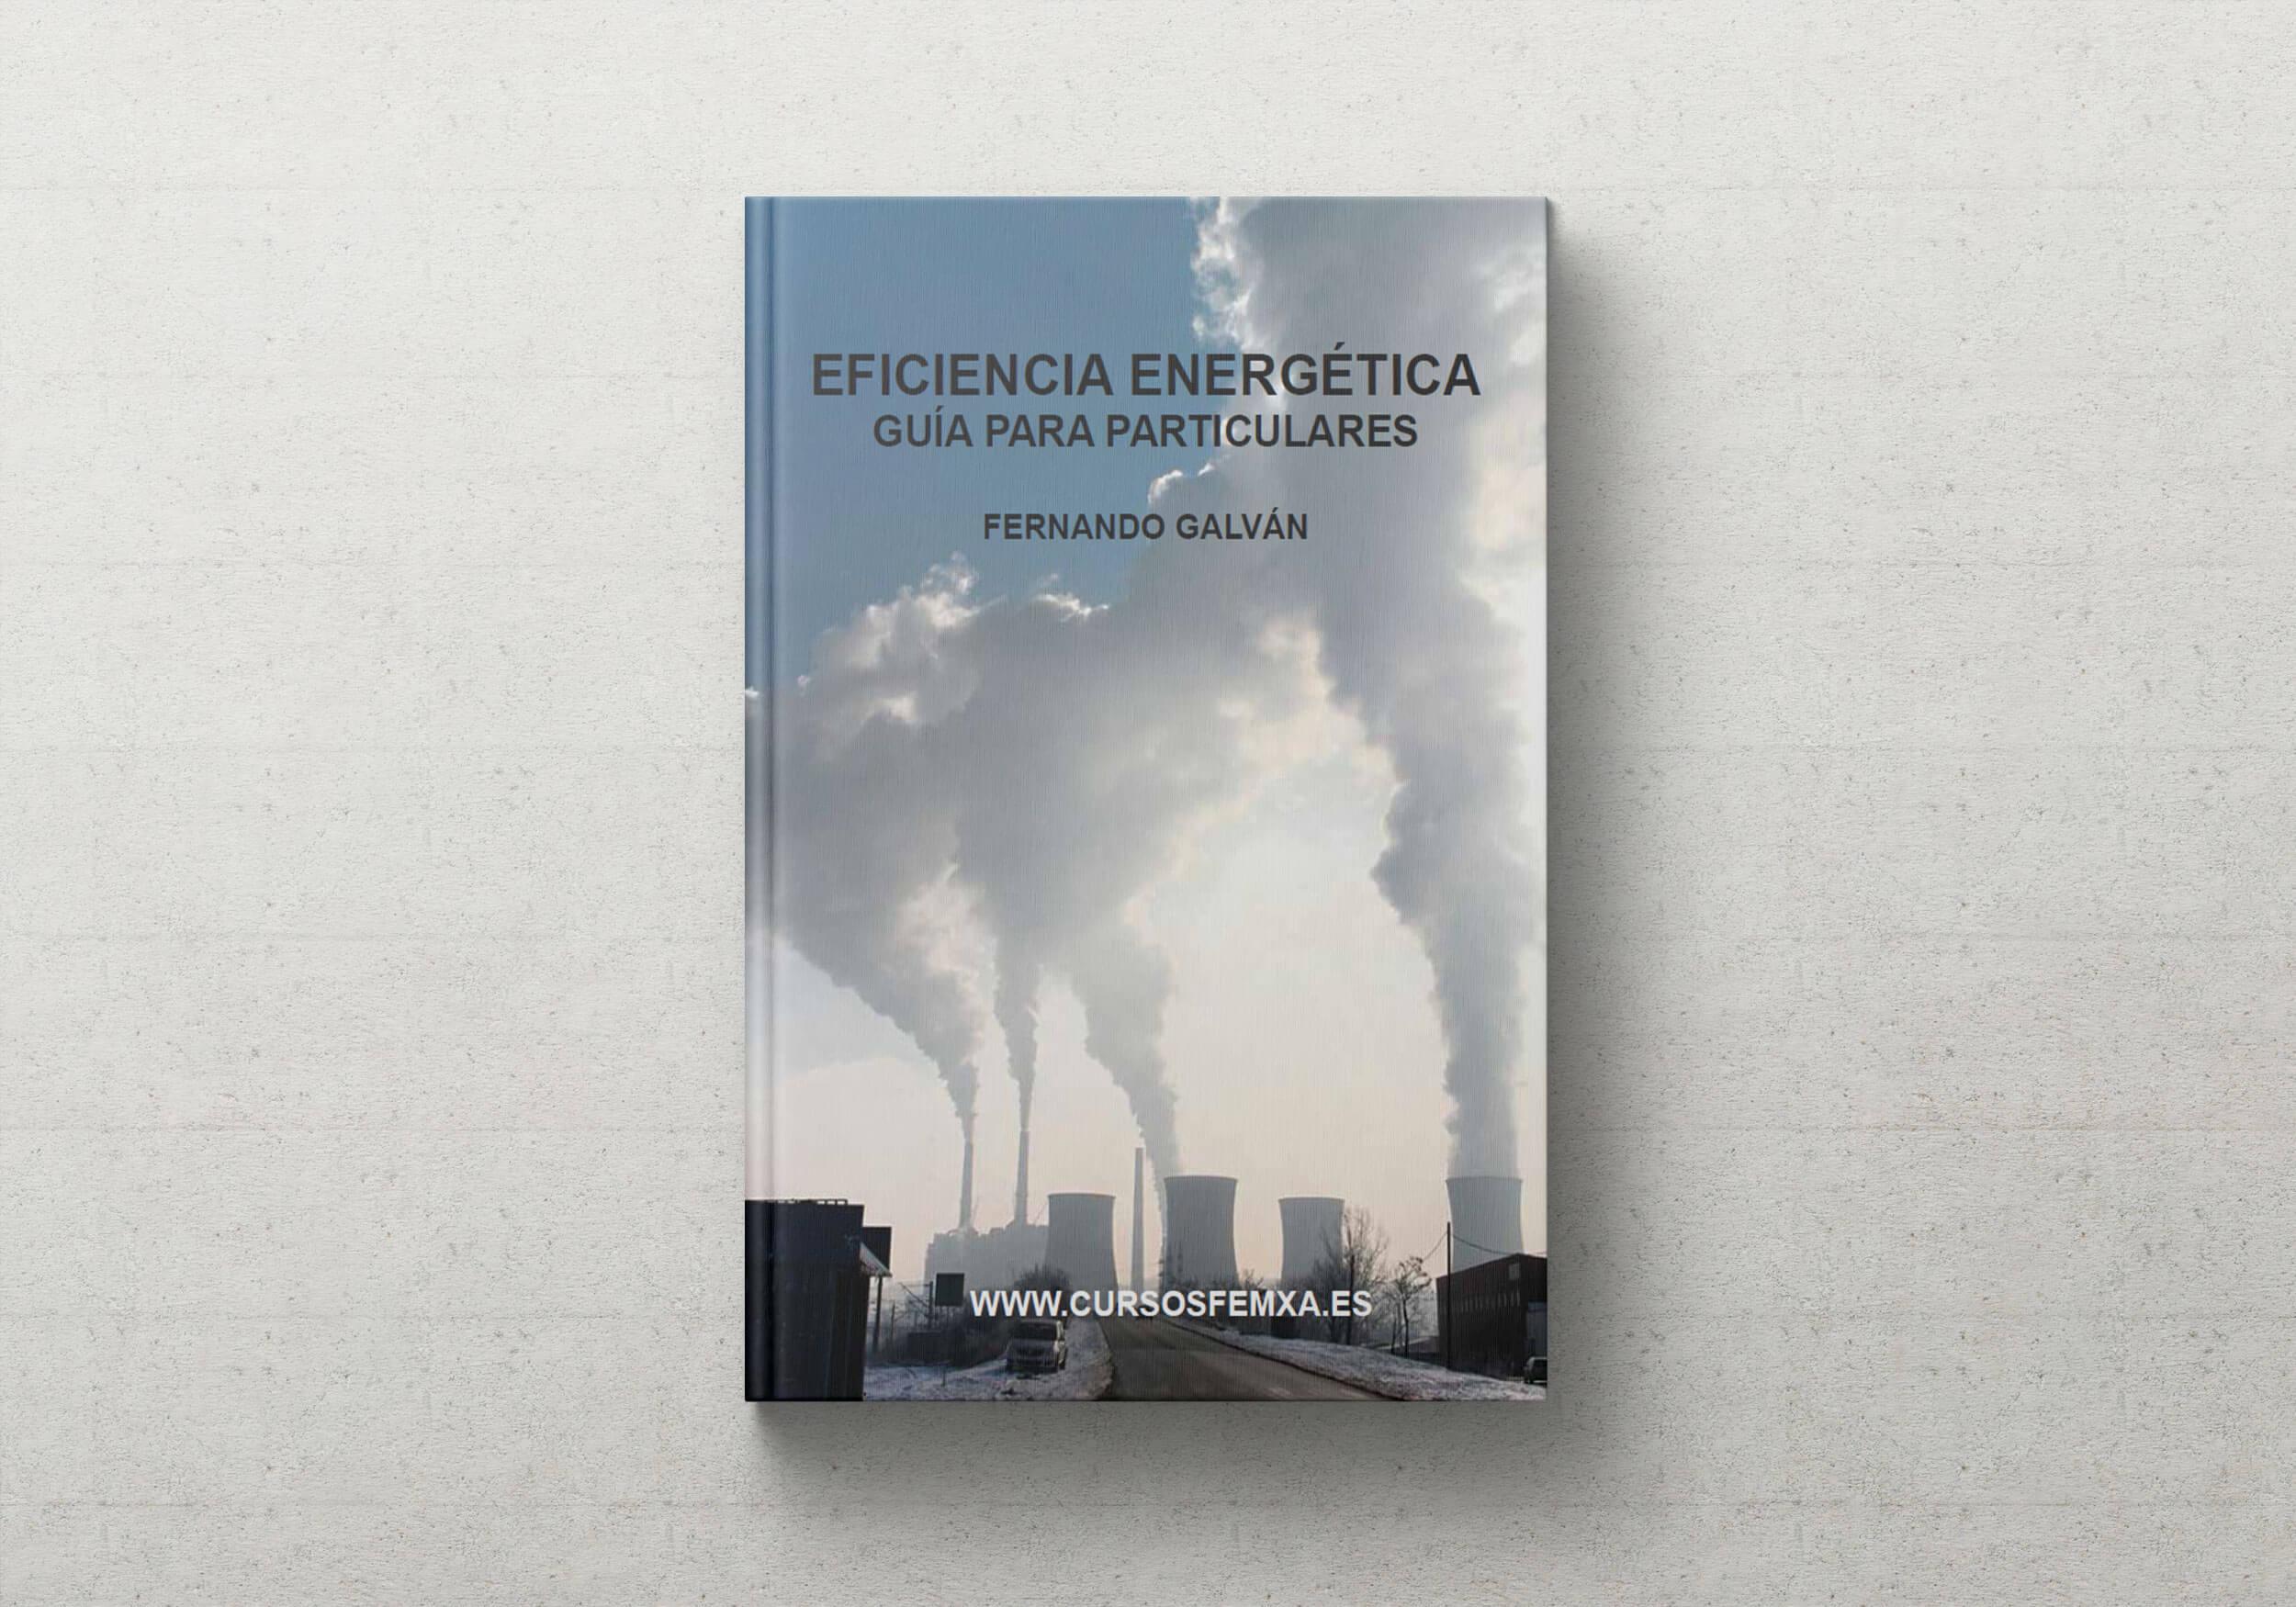 ebook gratuito sobre consejos para particulares sobre eficiencia energética